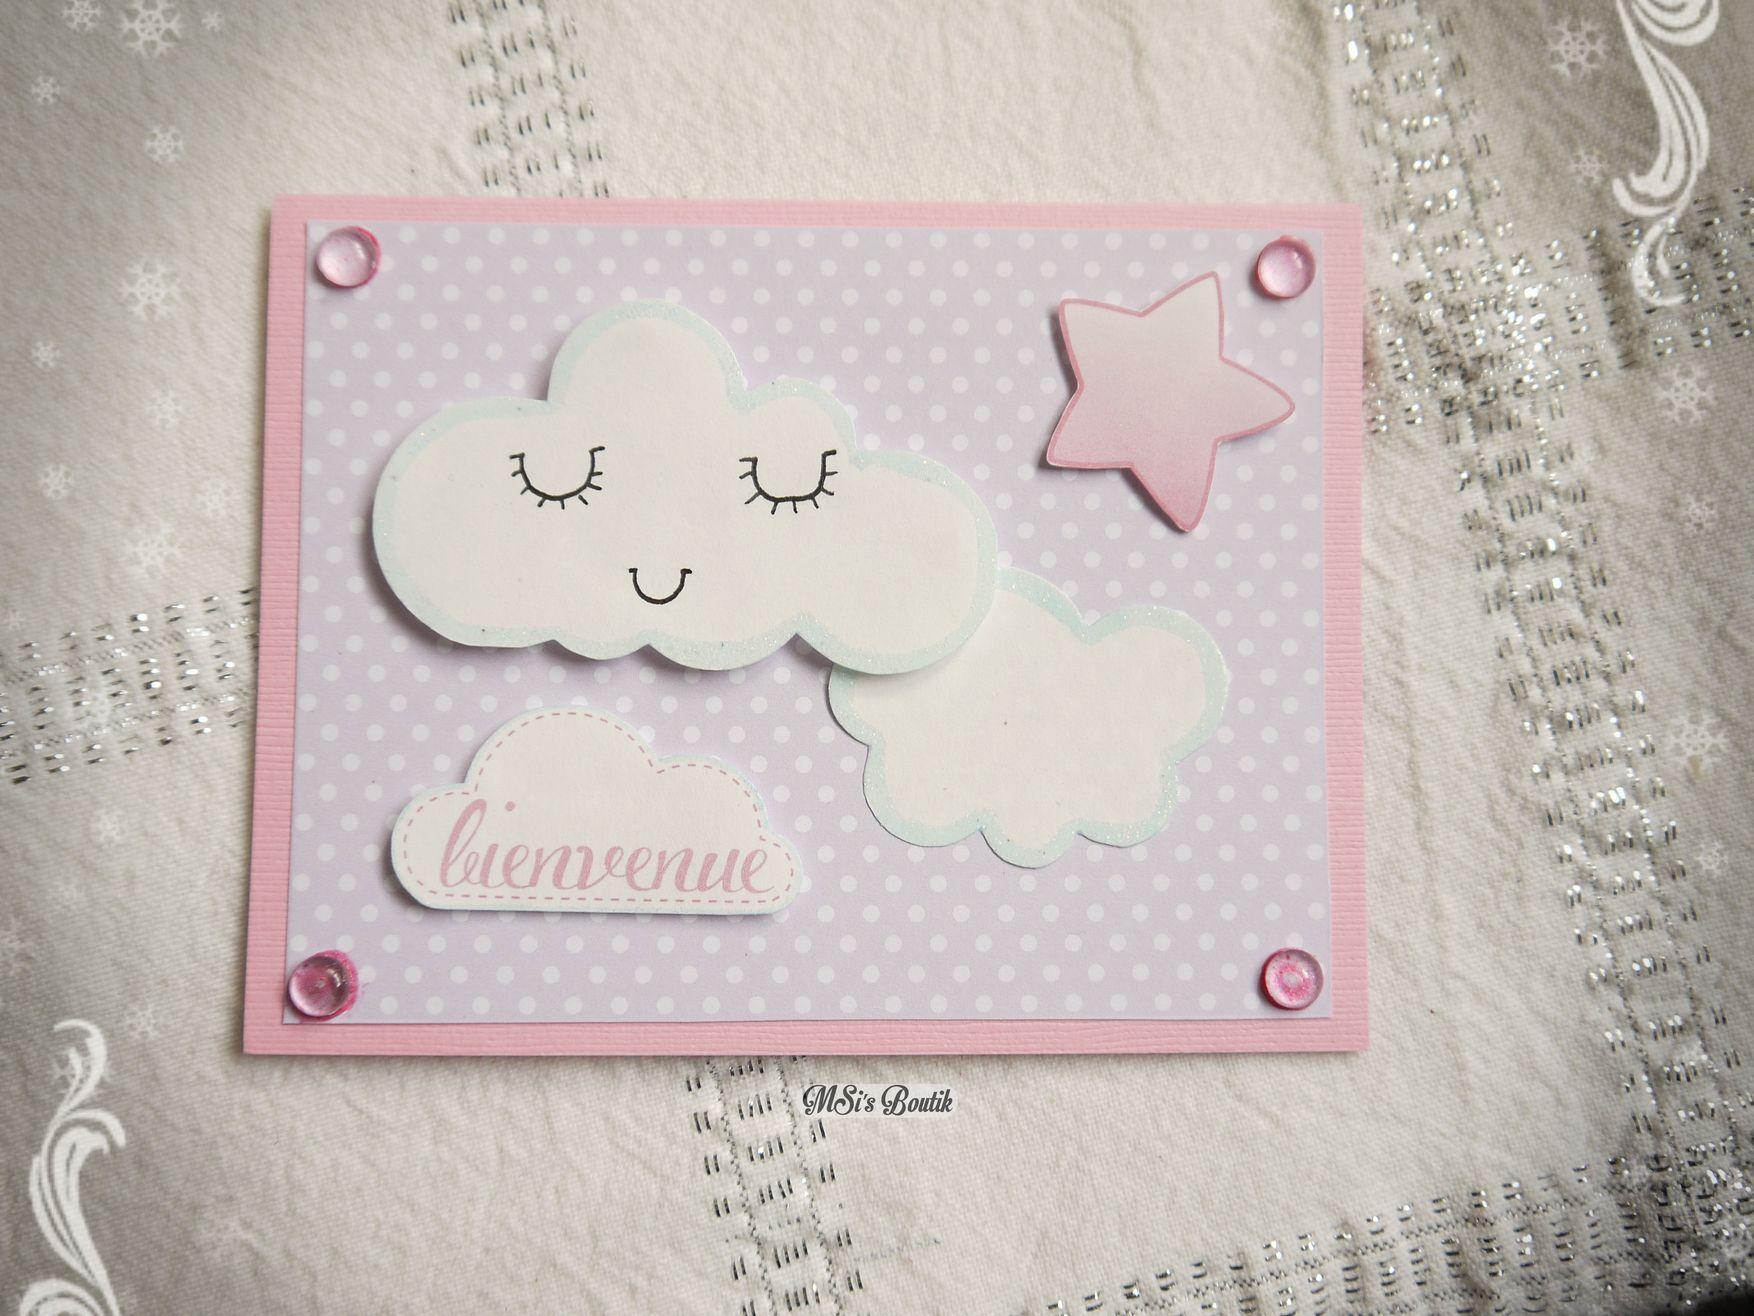 carte de voeux naissance Carte de Voeux pour naissance fille, inspiration Pinterest :) By